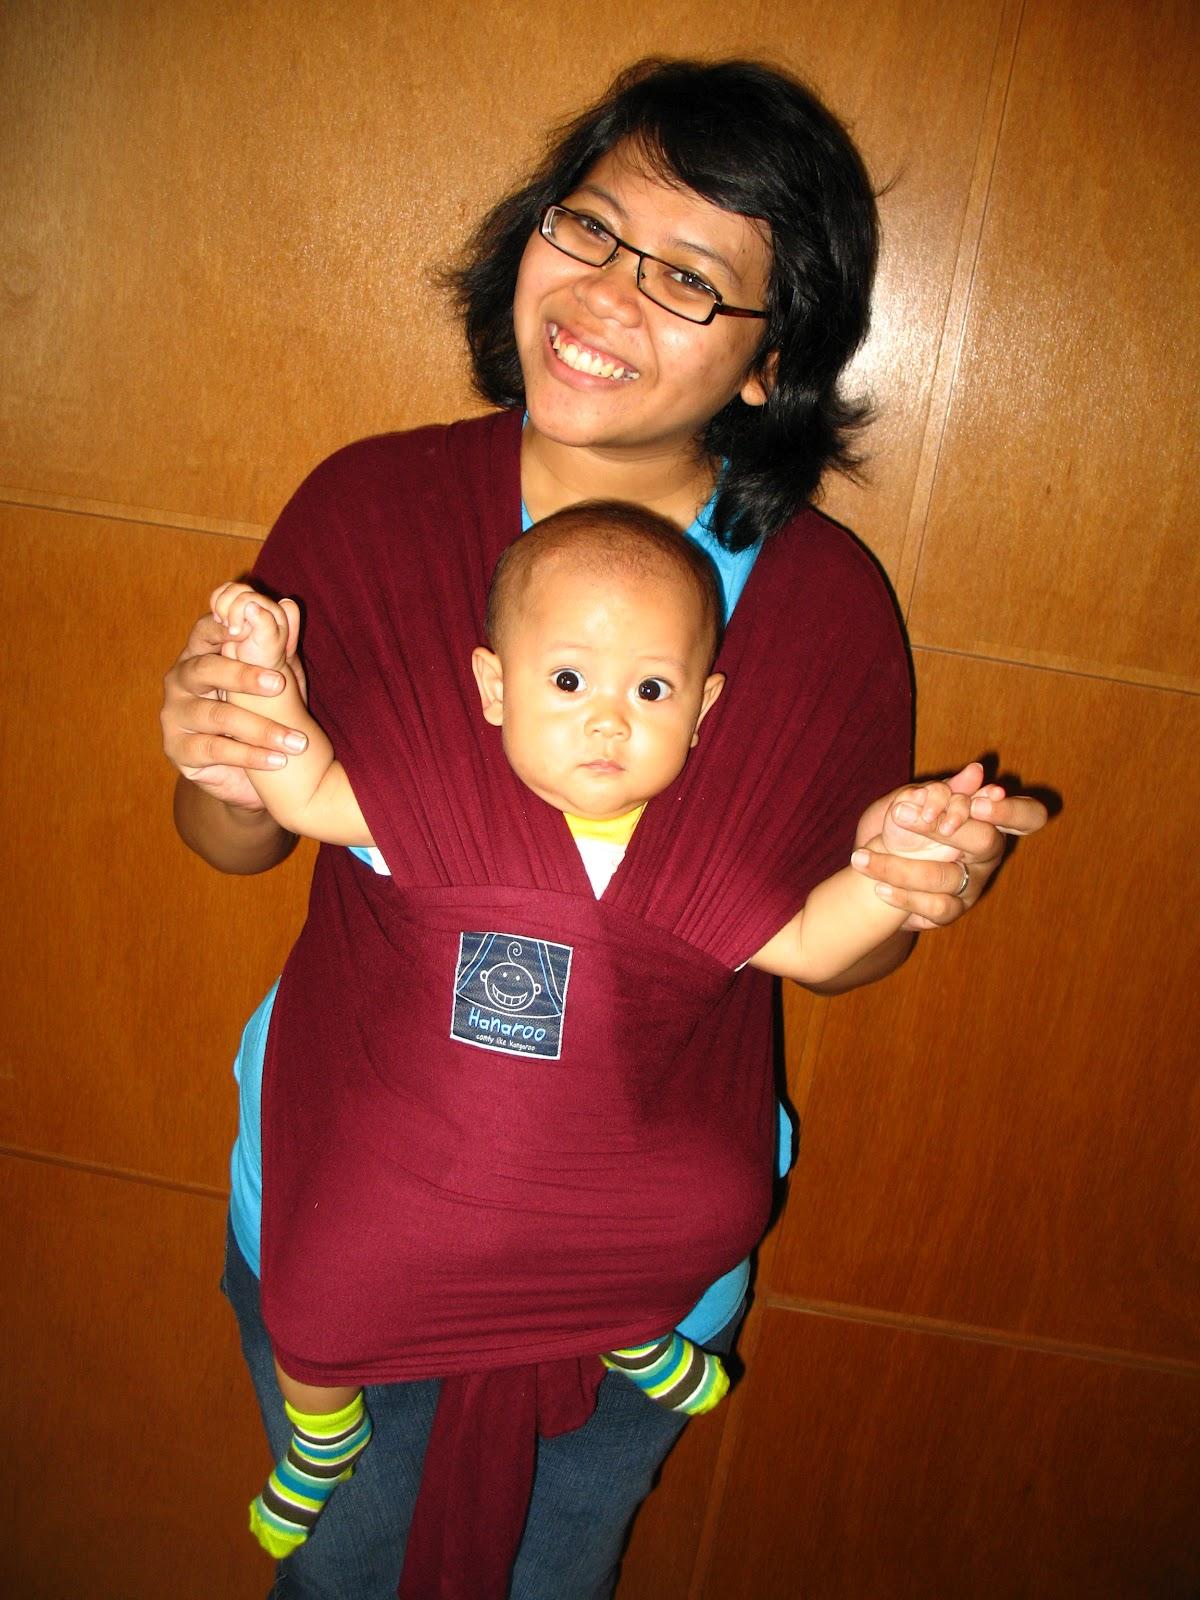 Jual Gendongan Bayi Hanaroo Di Semarang 0818 0210 3396 Jual